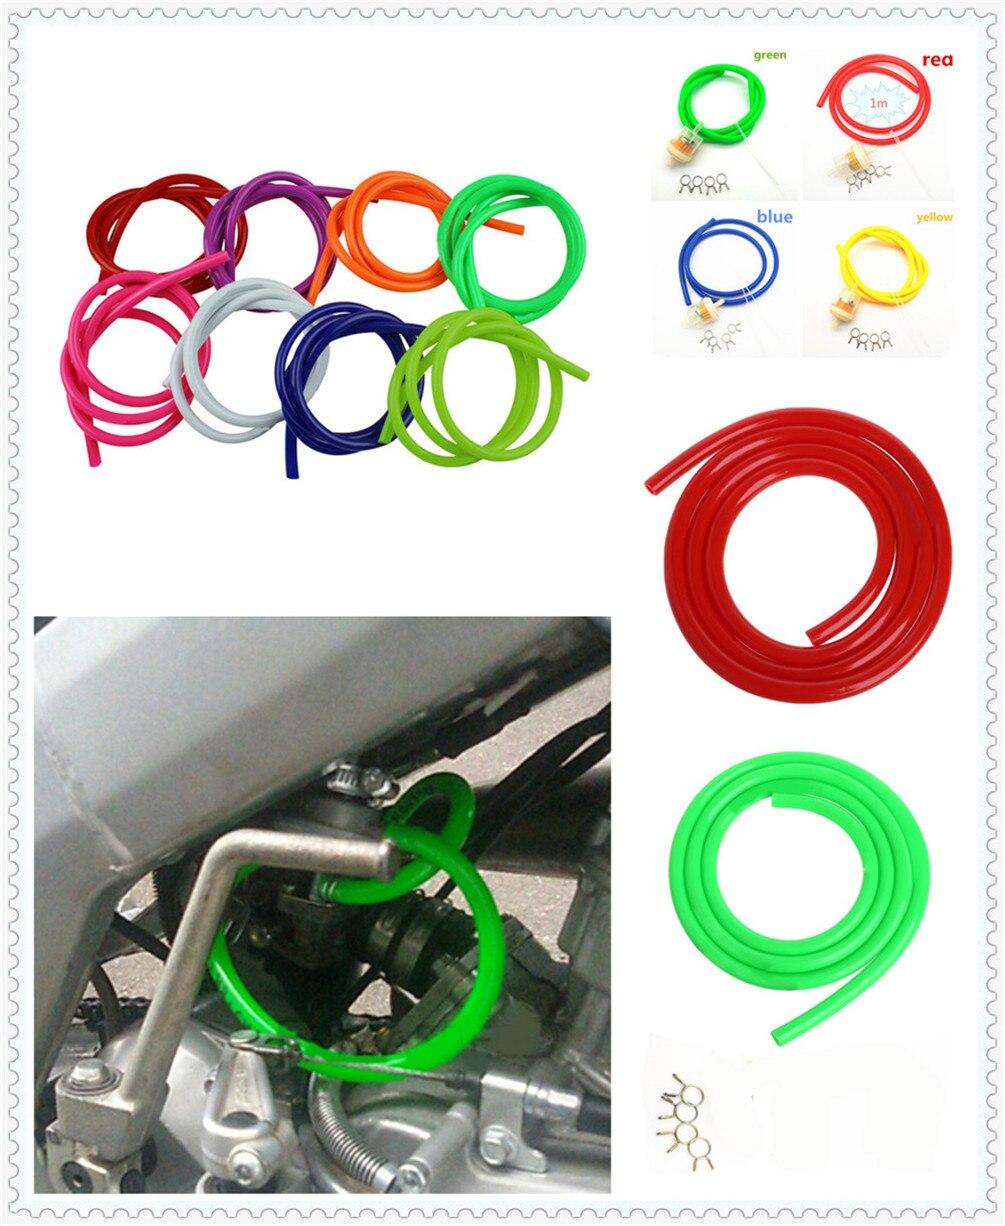 Accesorios para motocicleta de 1M, tubo de gasolina para entrega de combustible de bicicleta para DL1000 V-STROM GSF1200 BANDIT GSF1250 BANDIT